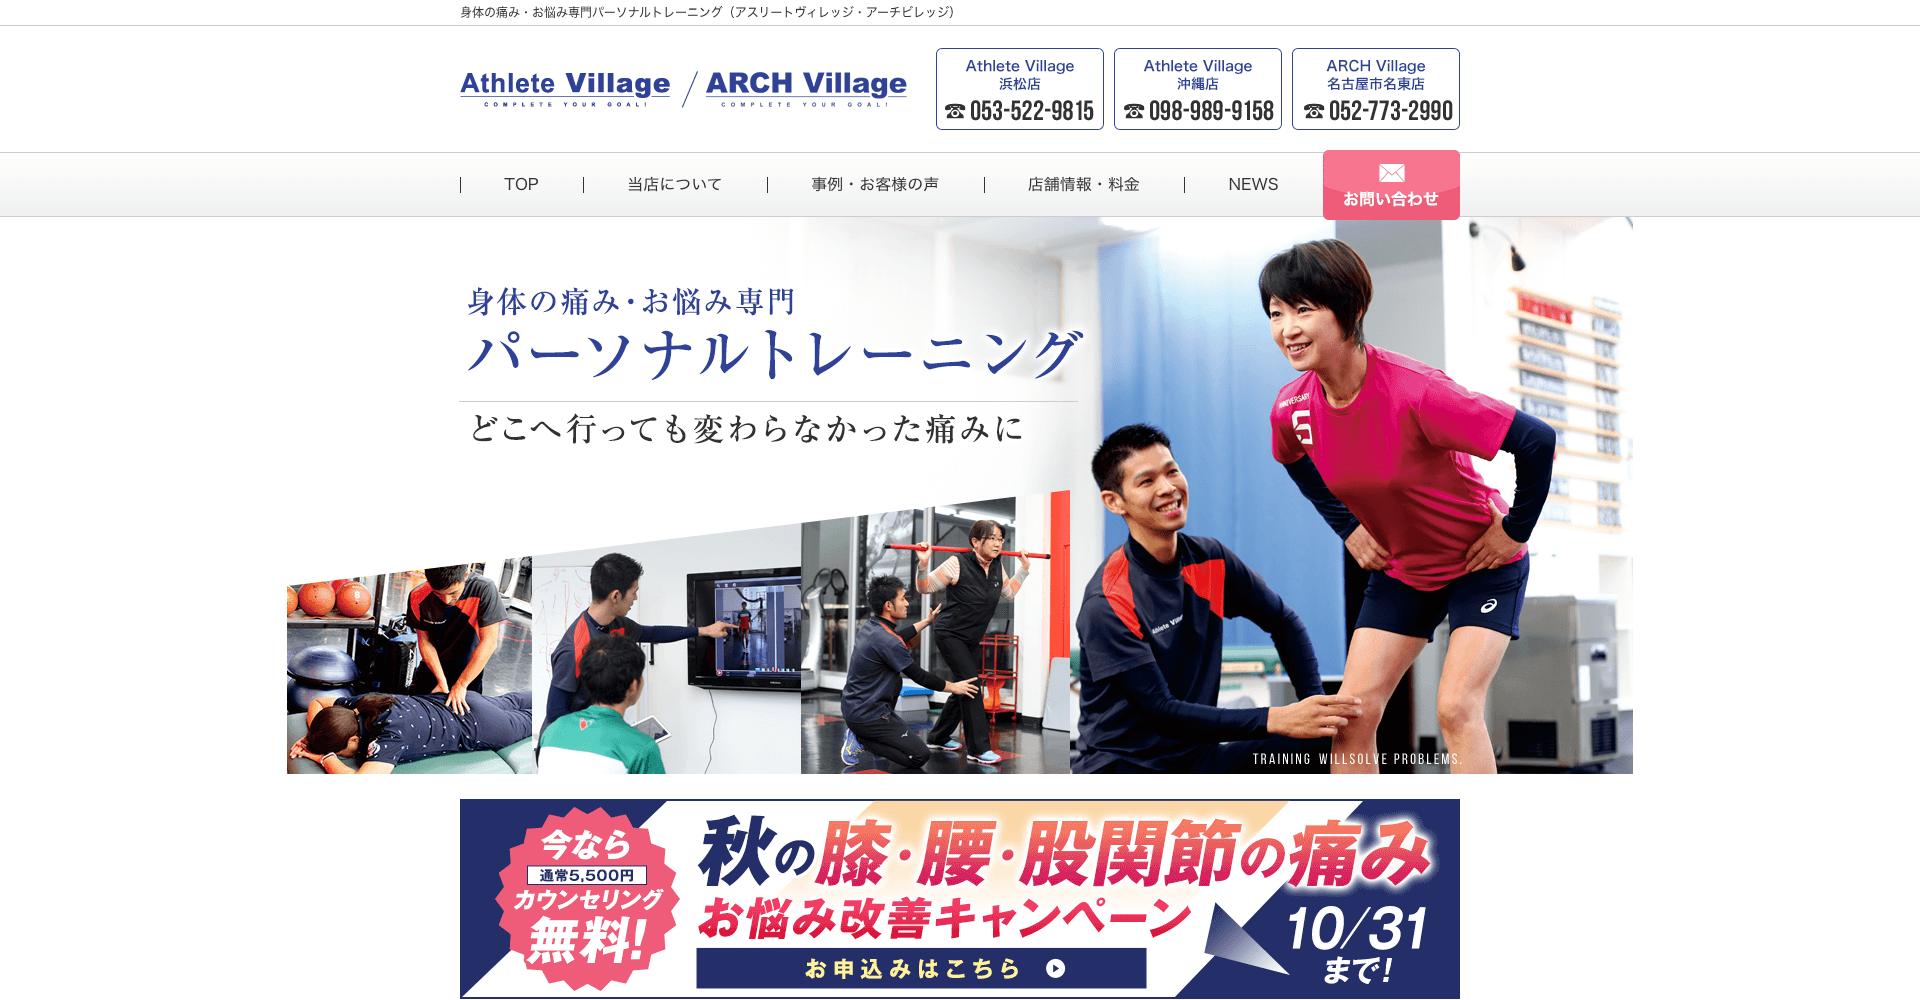 膝・腰・股関節・体のお悩み専門トレーニング施設 Athlete Village